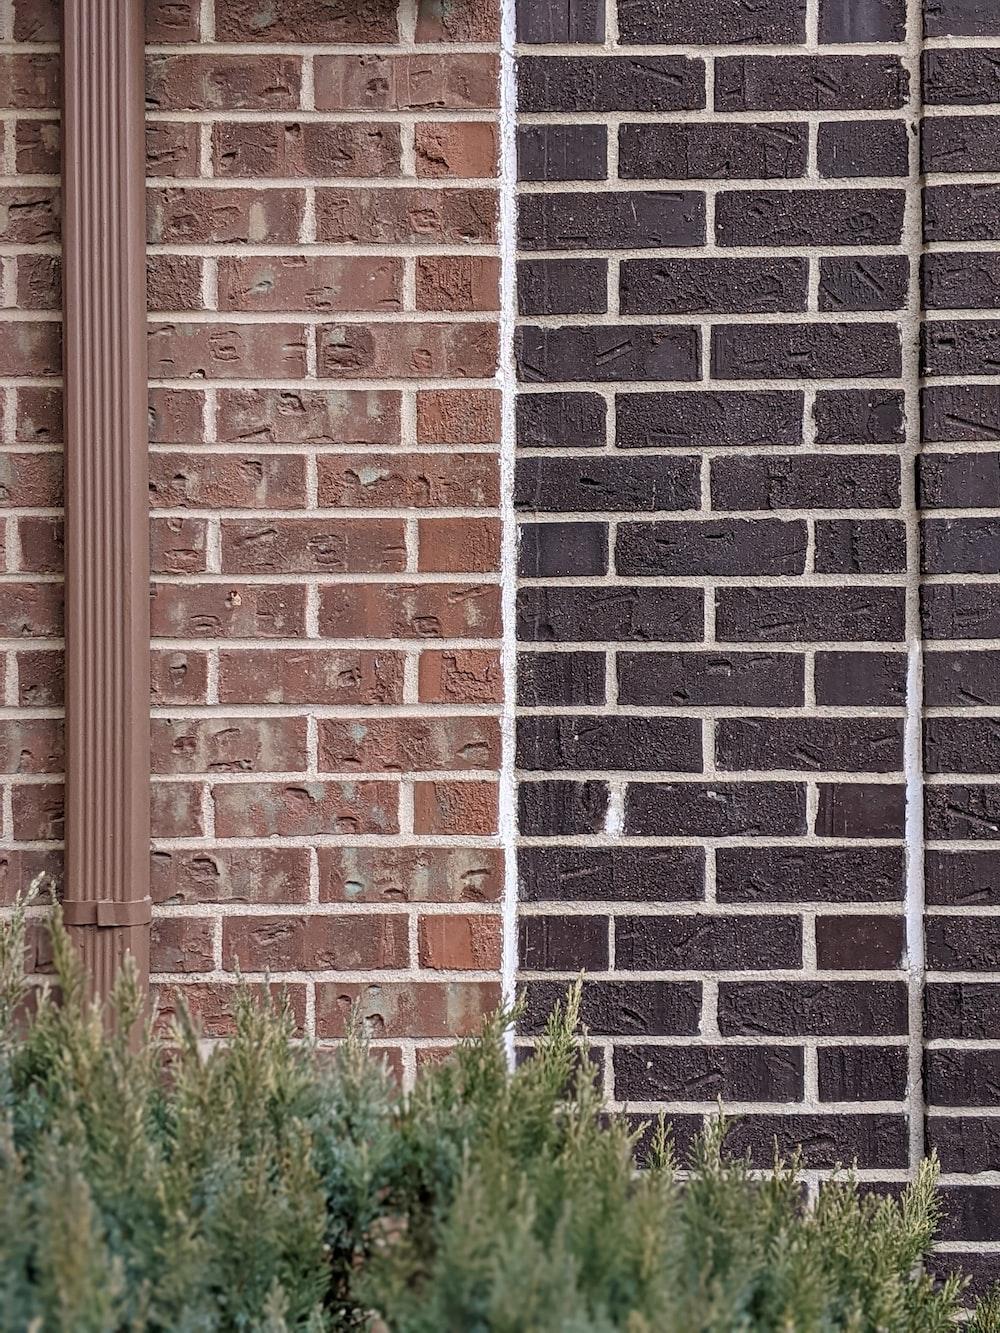 green grass beside brown brick wall